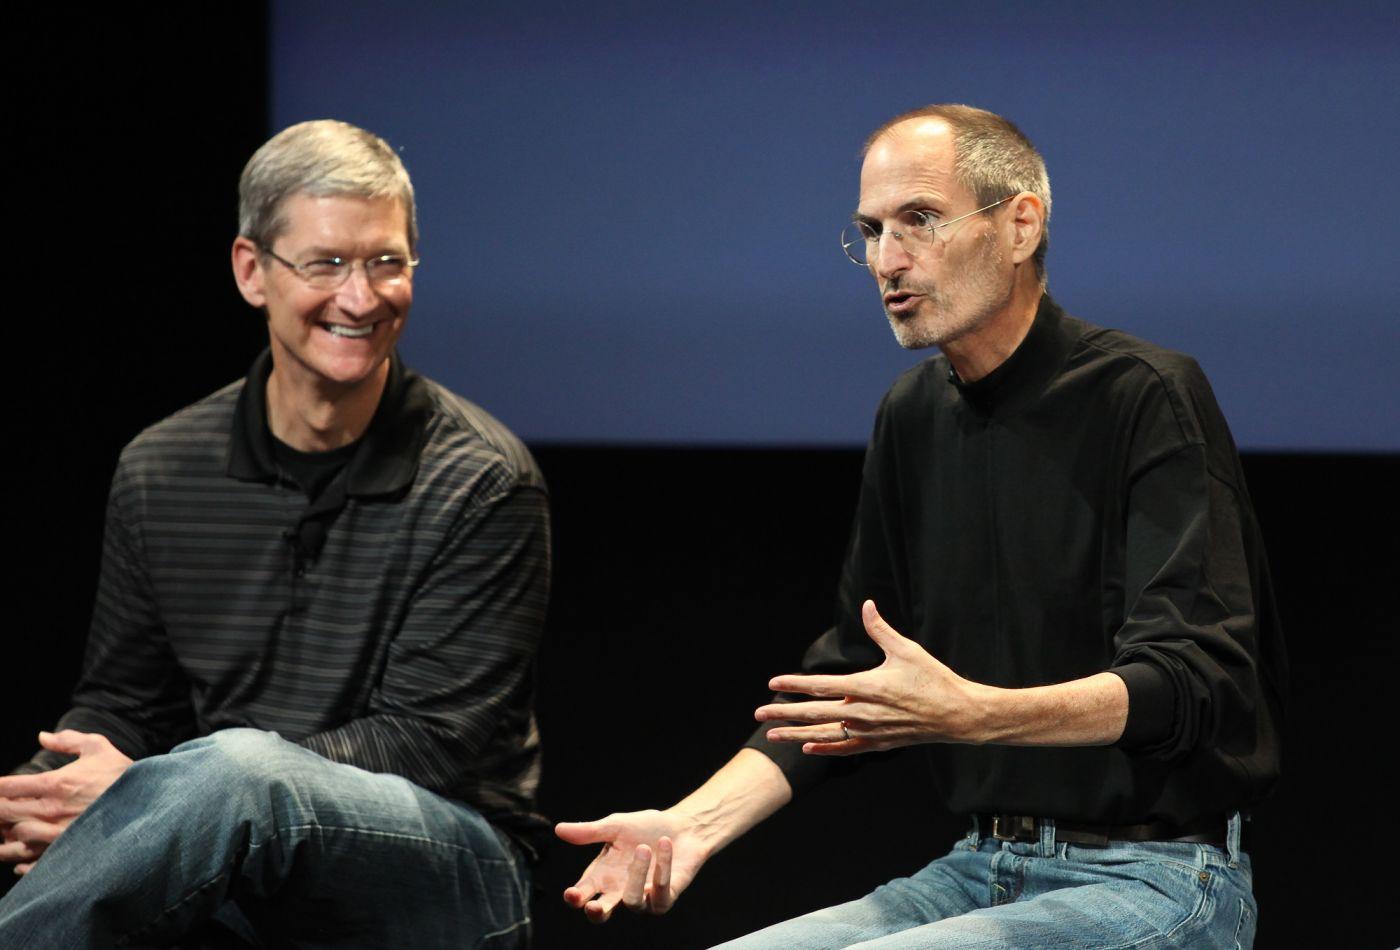 Tim Cook vs Steve Jobs